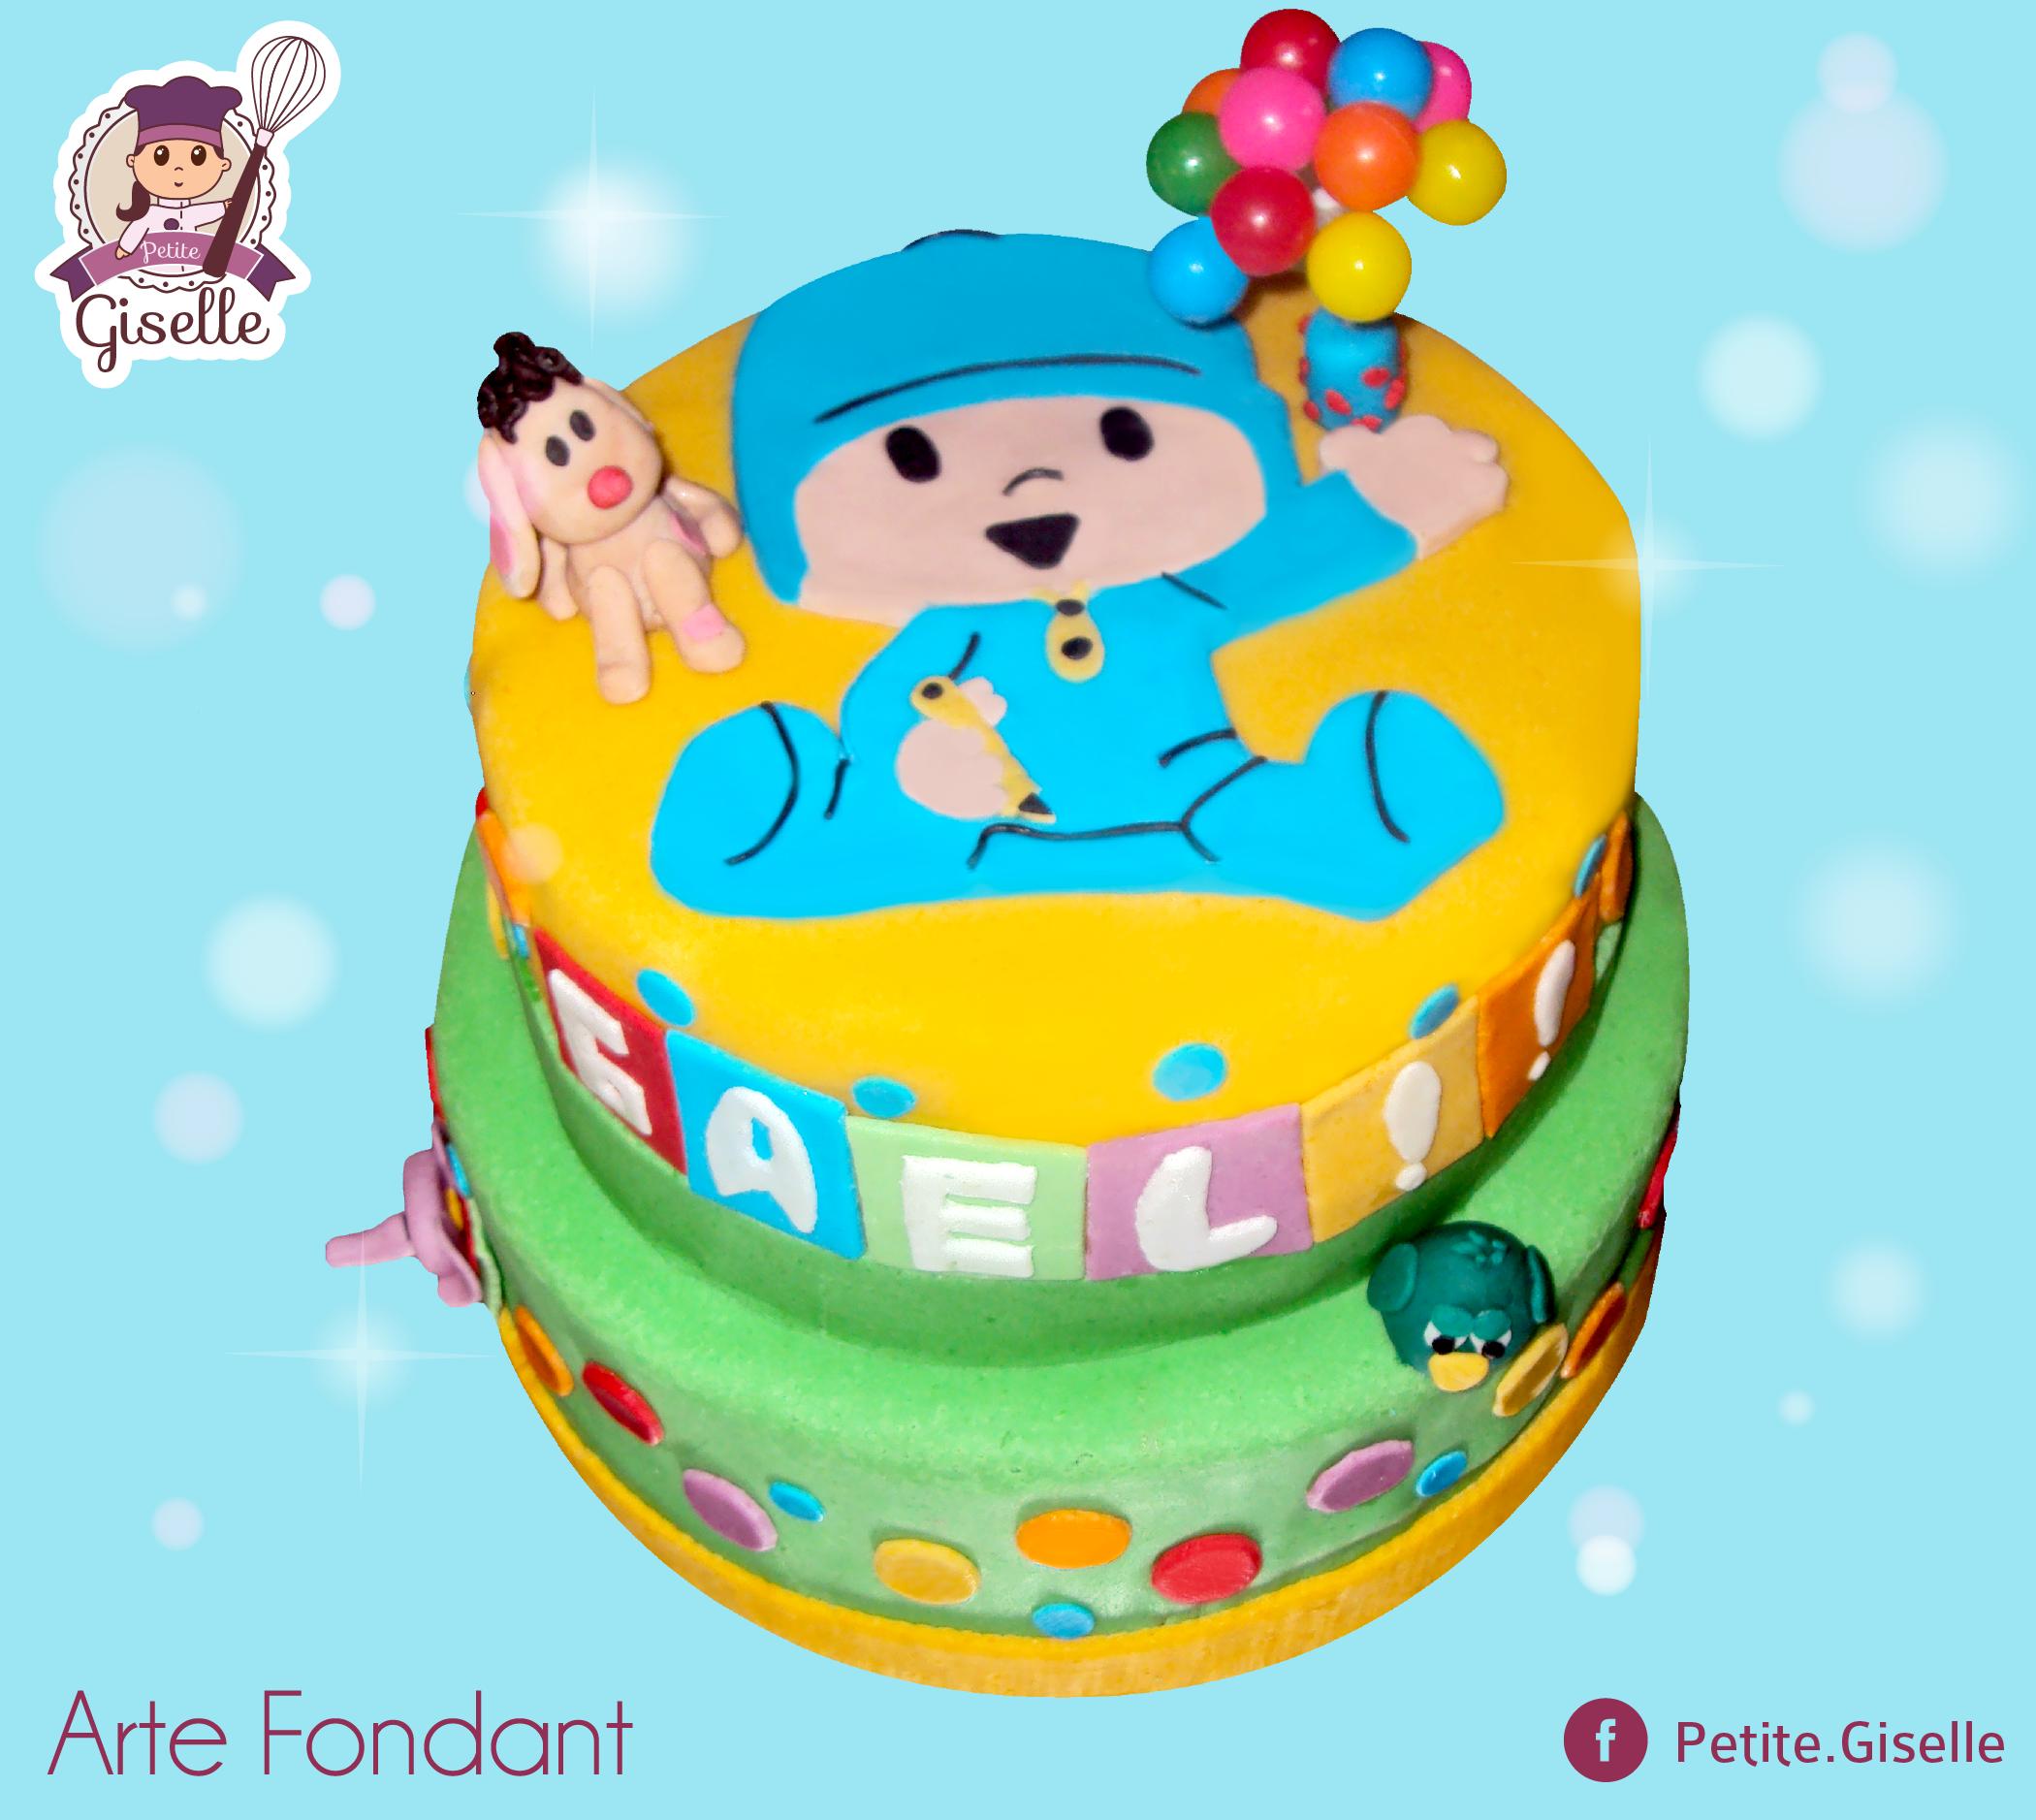 Pastel de Fondant! #cake #fondant #petitegiselle